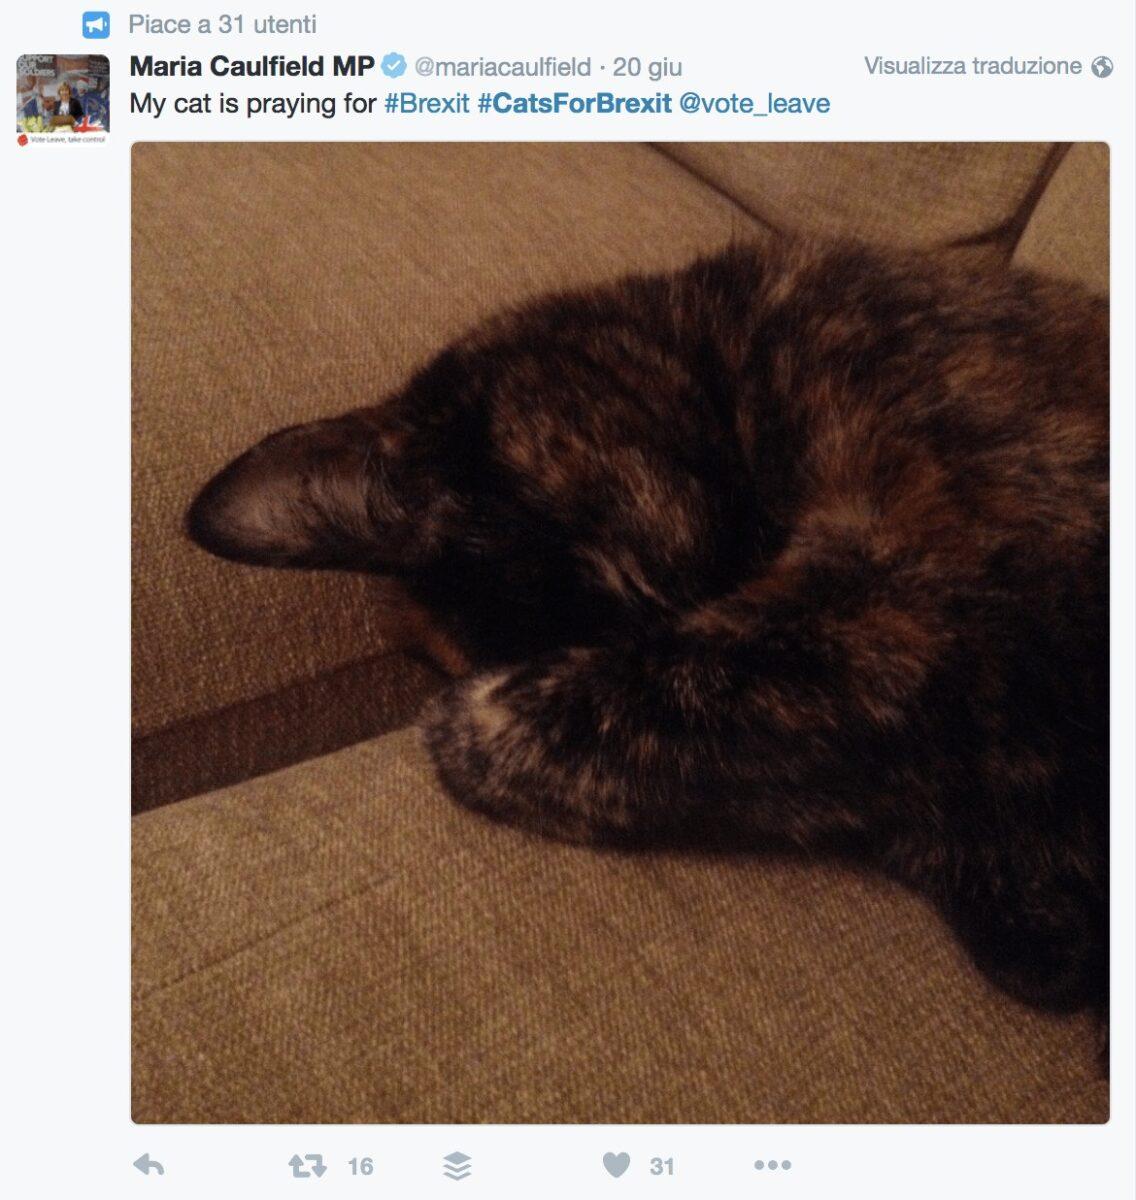 Il tweet di Maria Caulfield